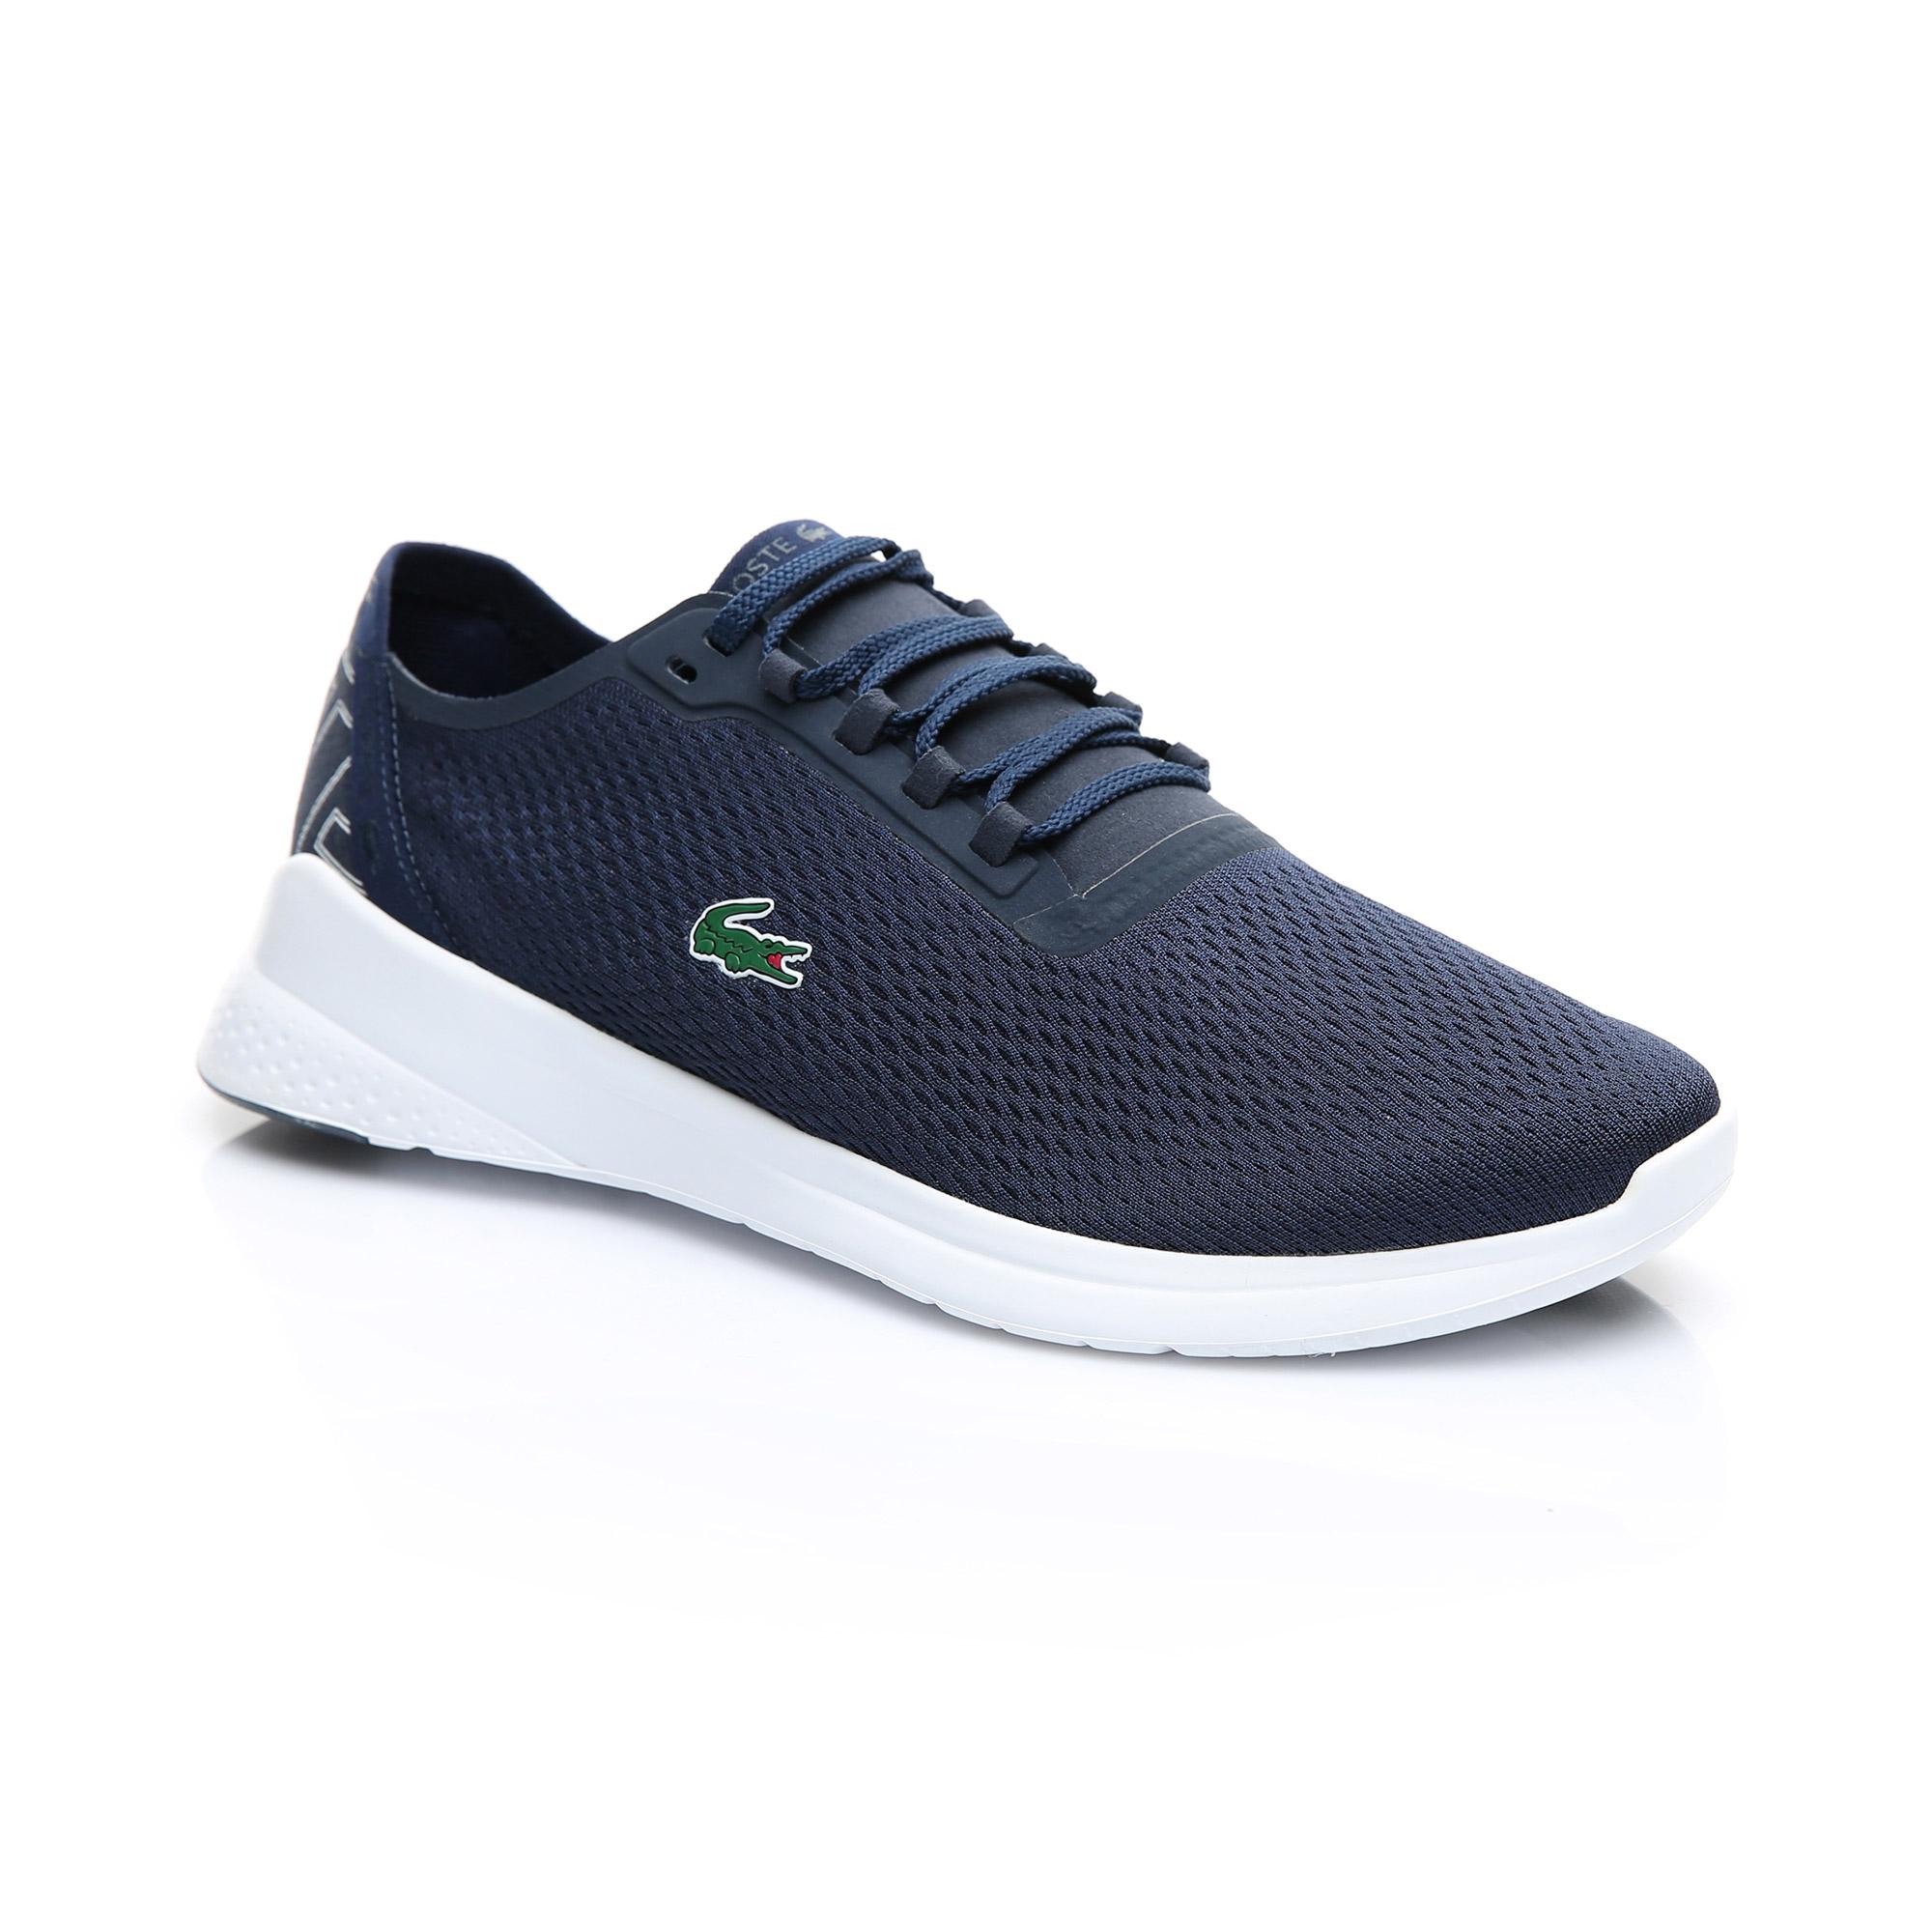 Lacoste Lt Fit 119 1 Męskie Sneakersy